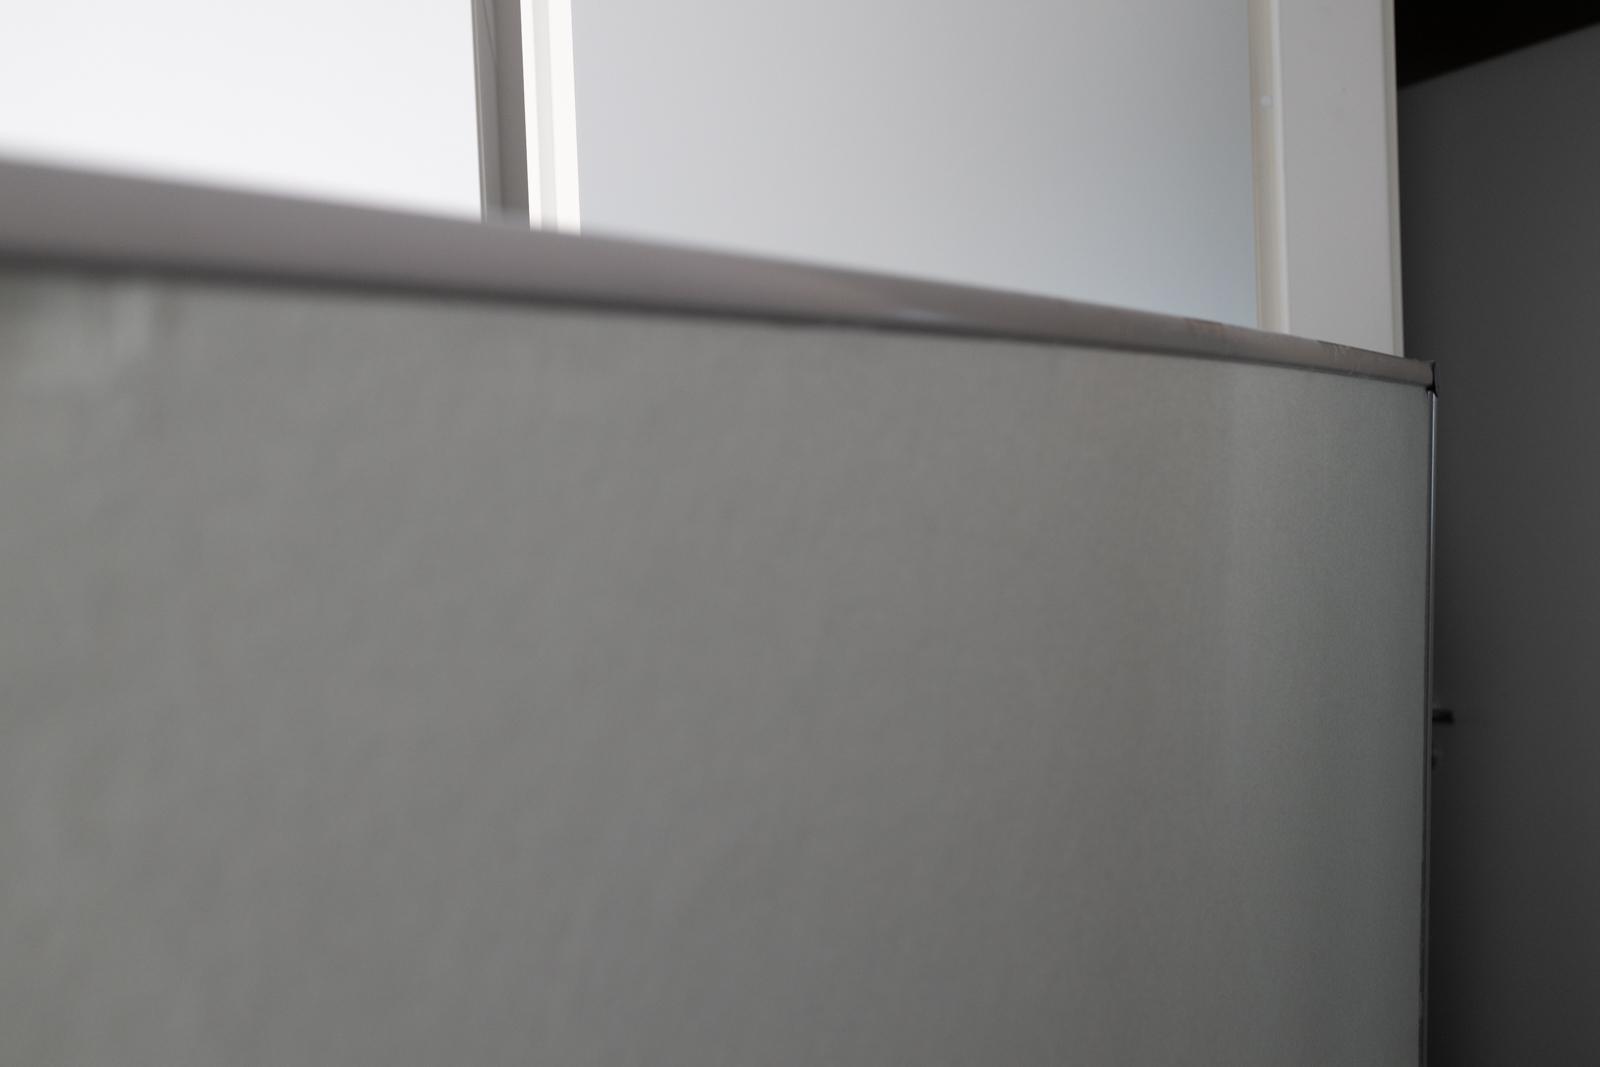 Wandpinwand EuroPin® W von Neuland mit Clip-on Stiftablage 2